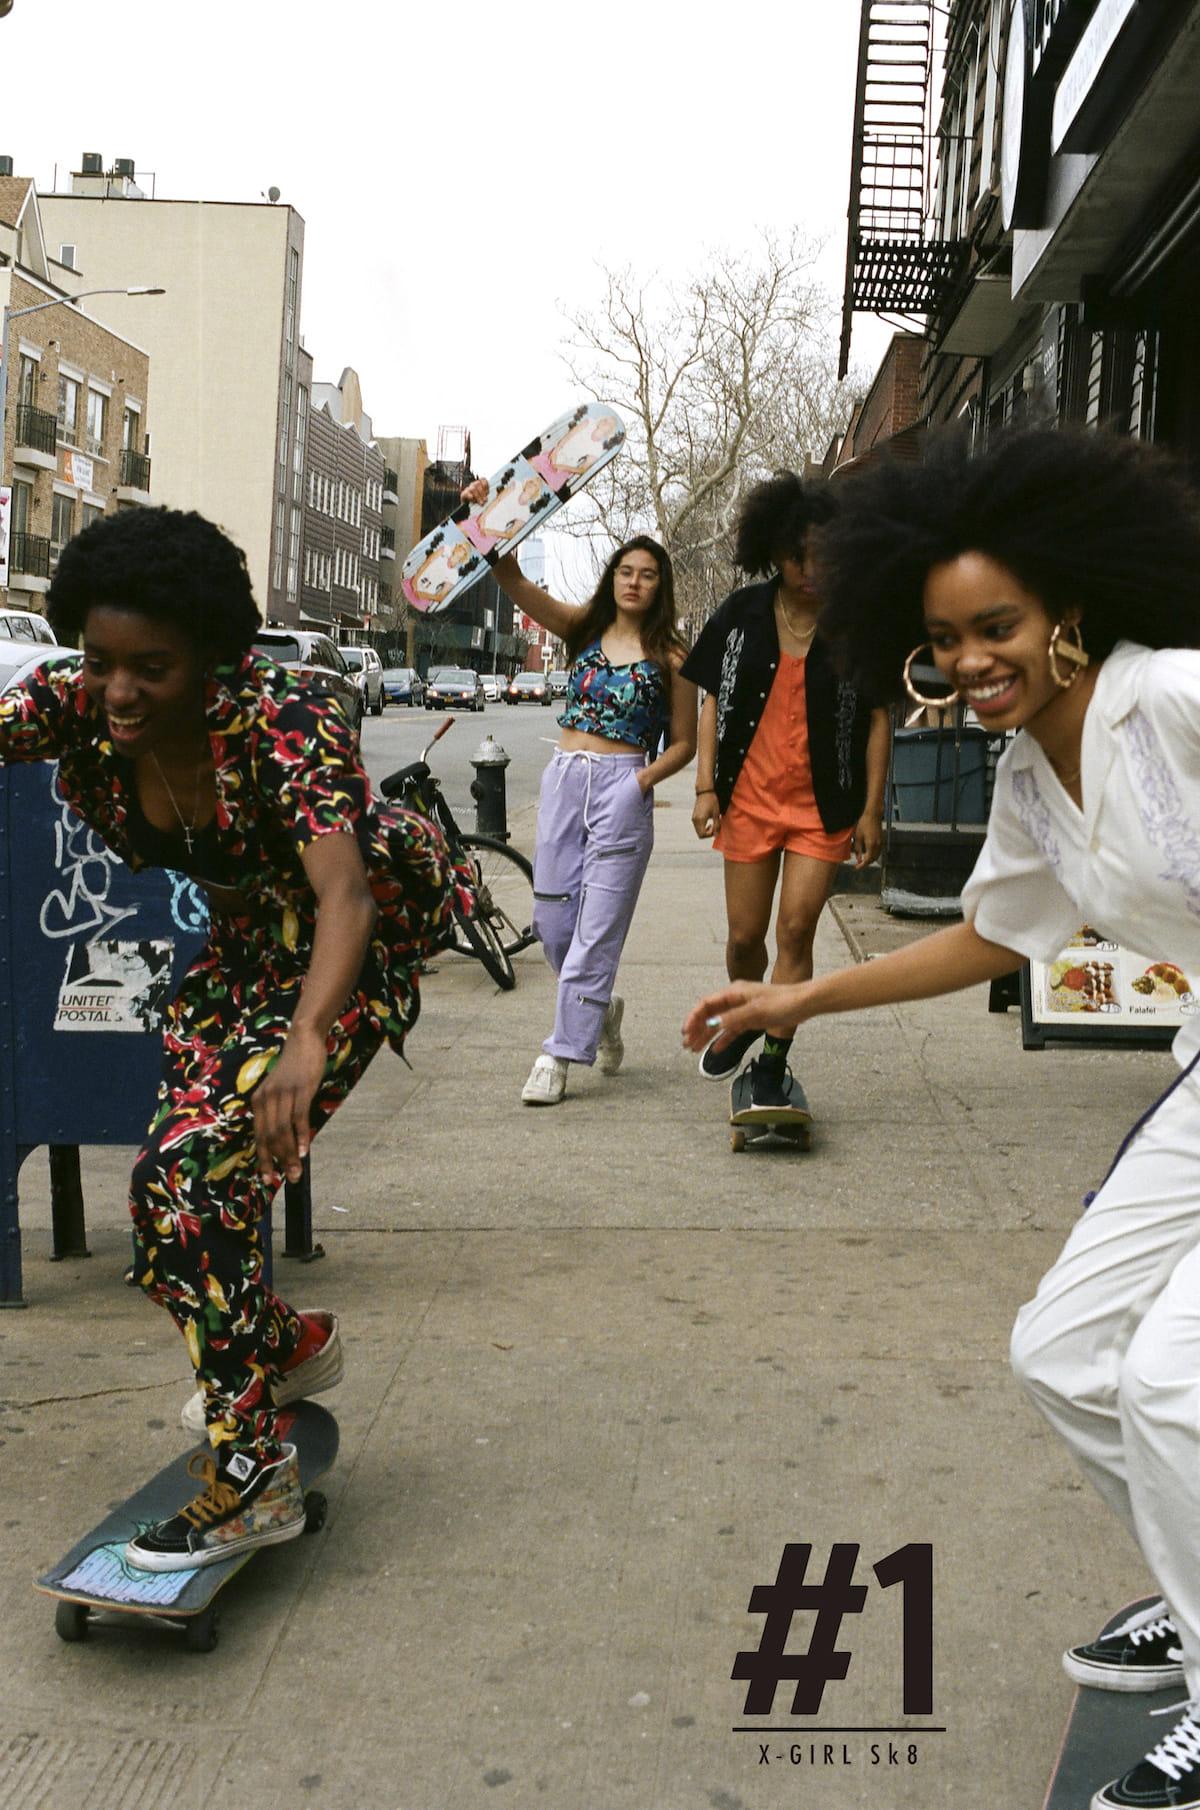 X-girl、ブランド初となるスケートボードウエアライン『#1 X-girl skateboards』が登場! fashion180525_x-girl_1-1200x1810